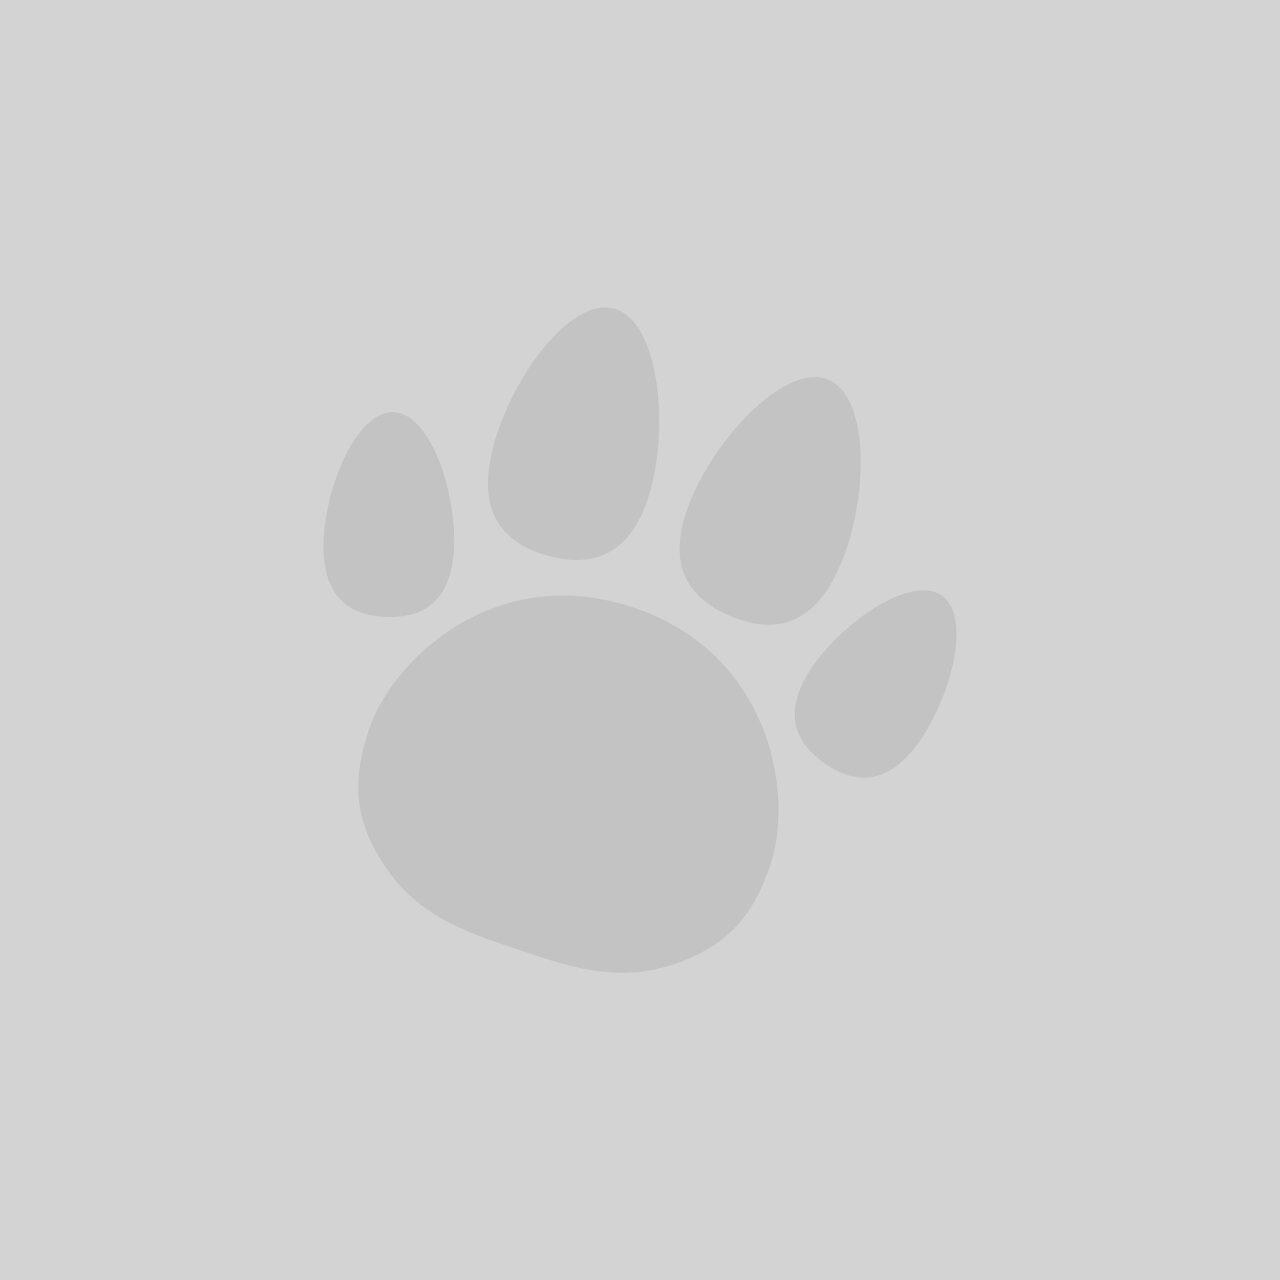 Petface Slicker Brush Wooden Medium